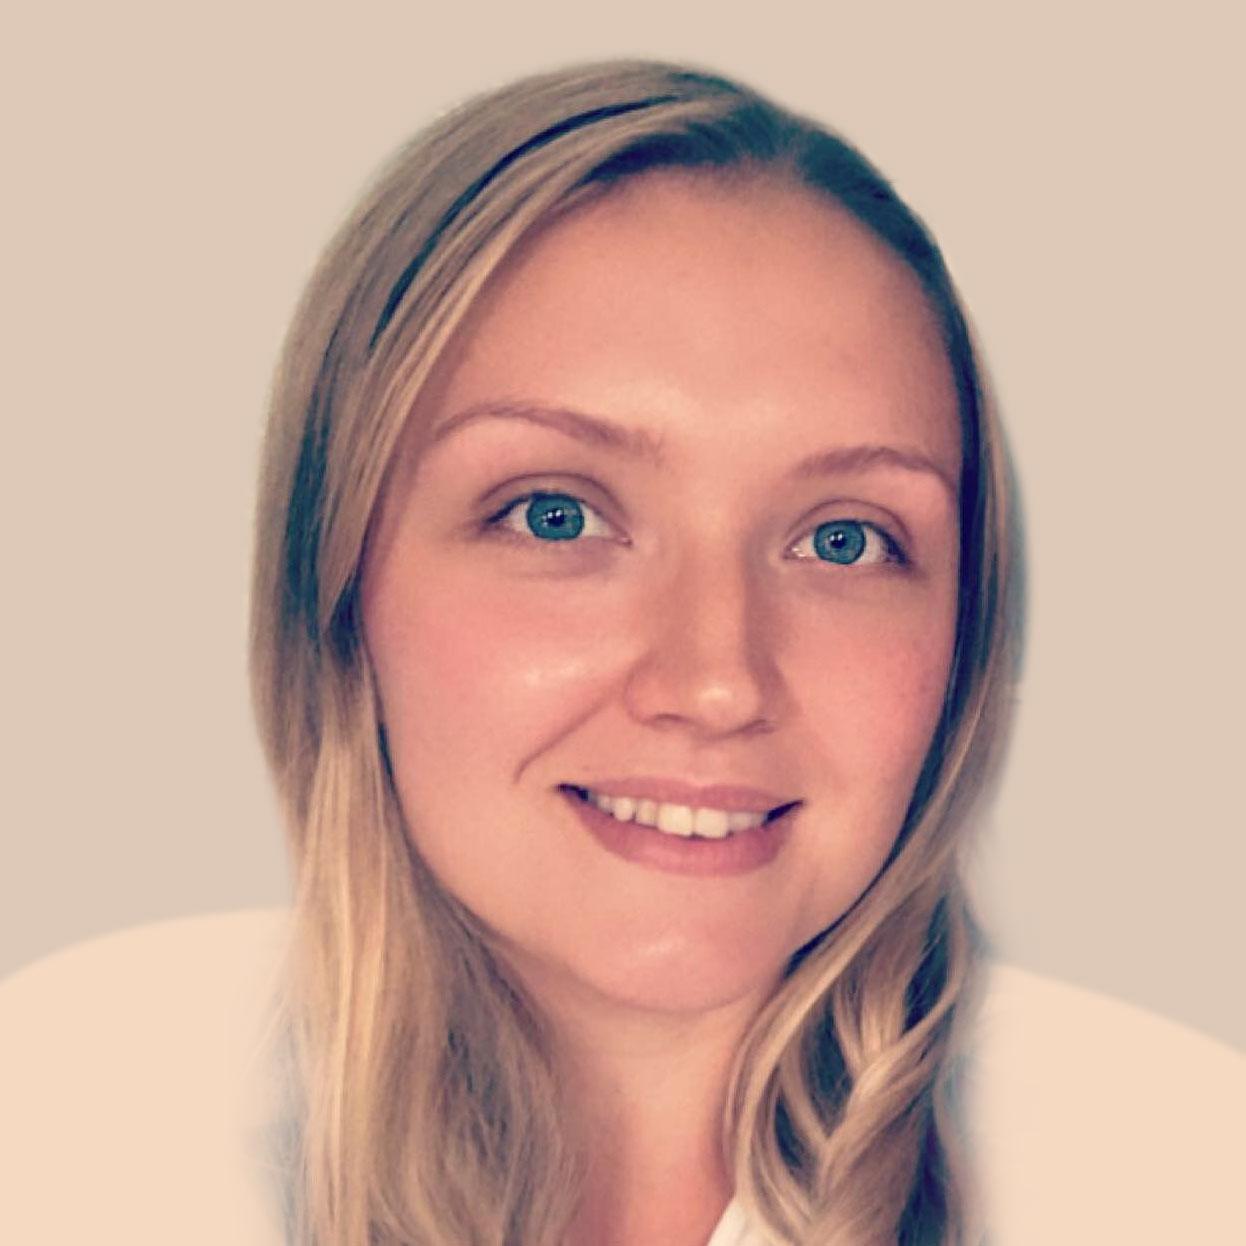 Chloe Bundy